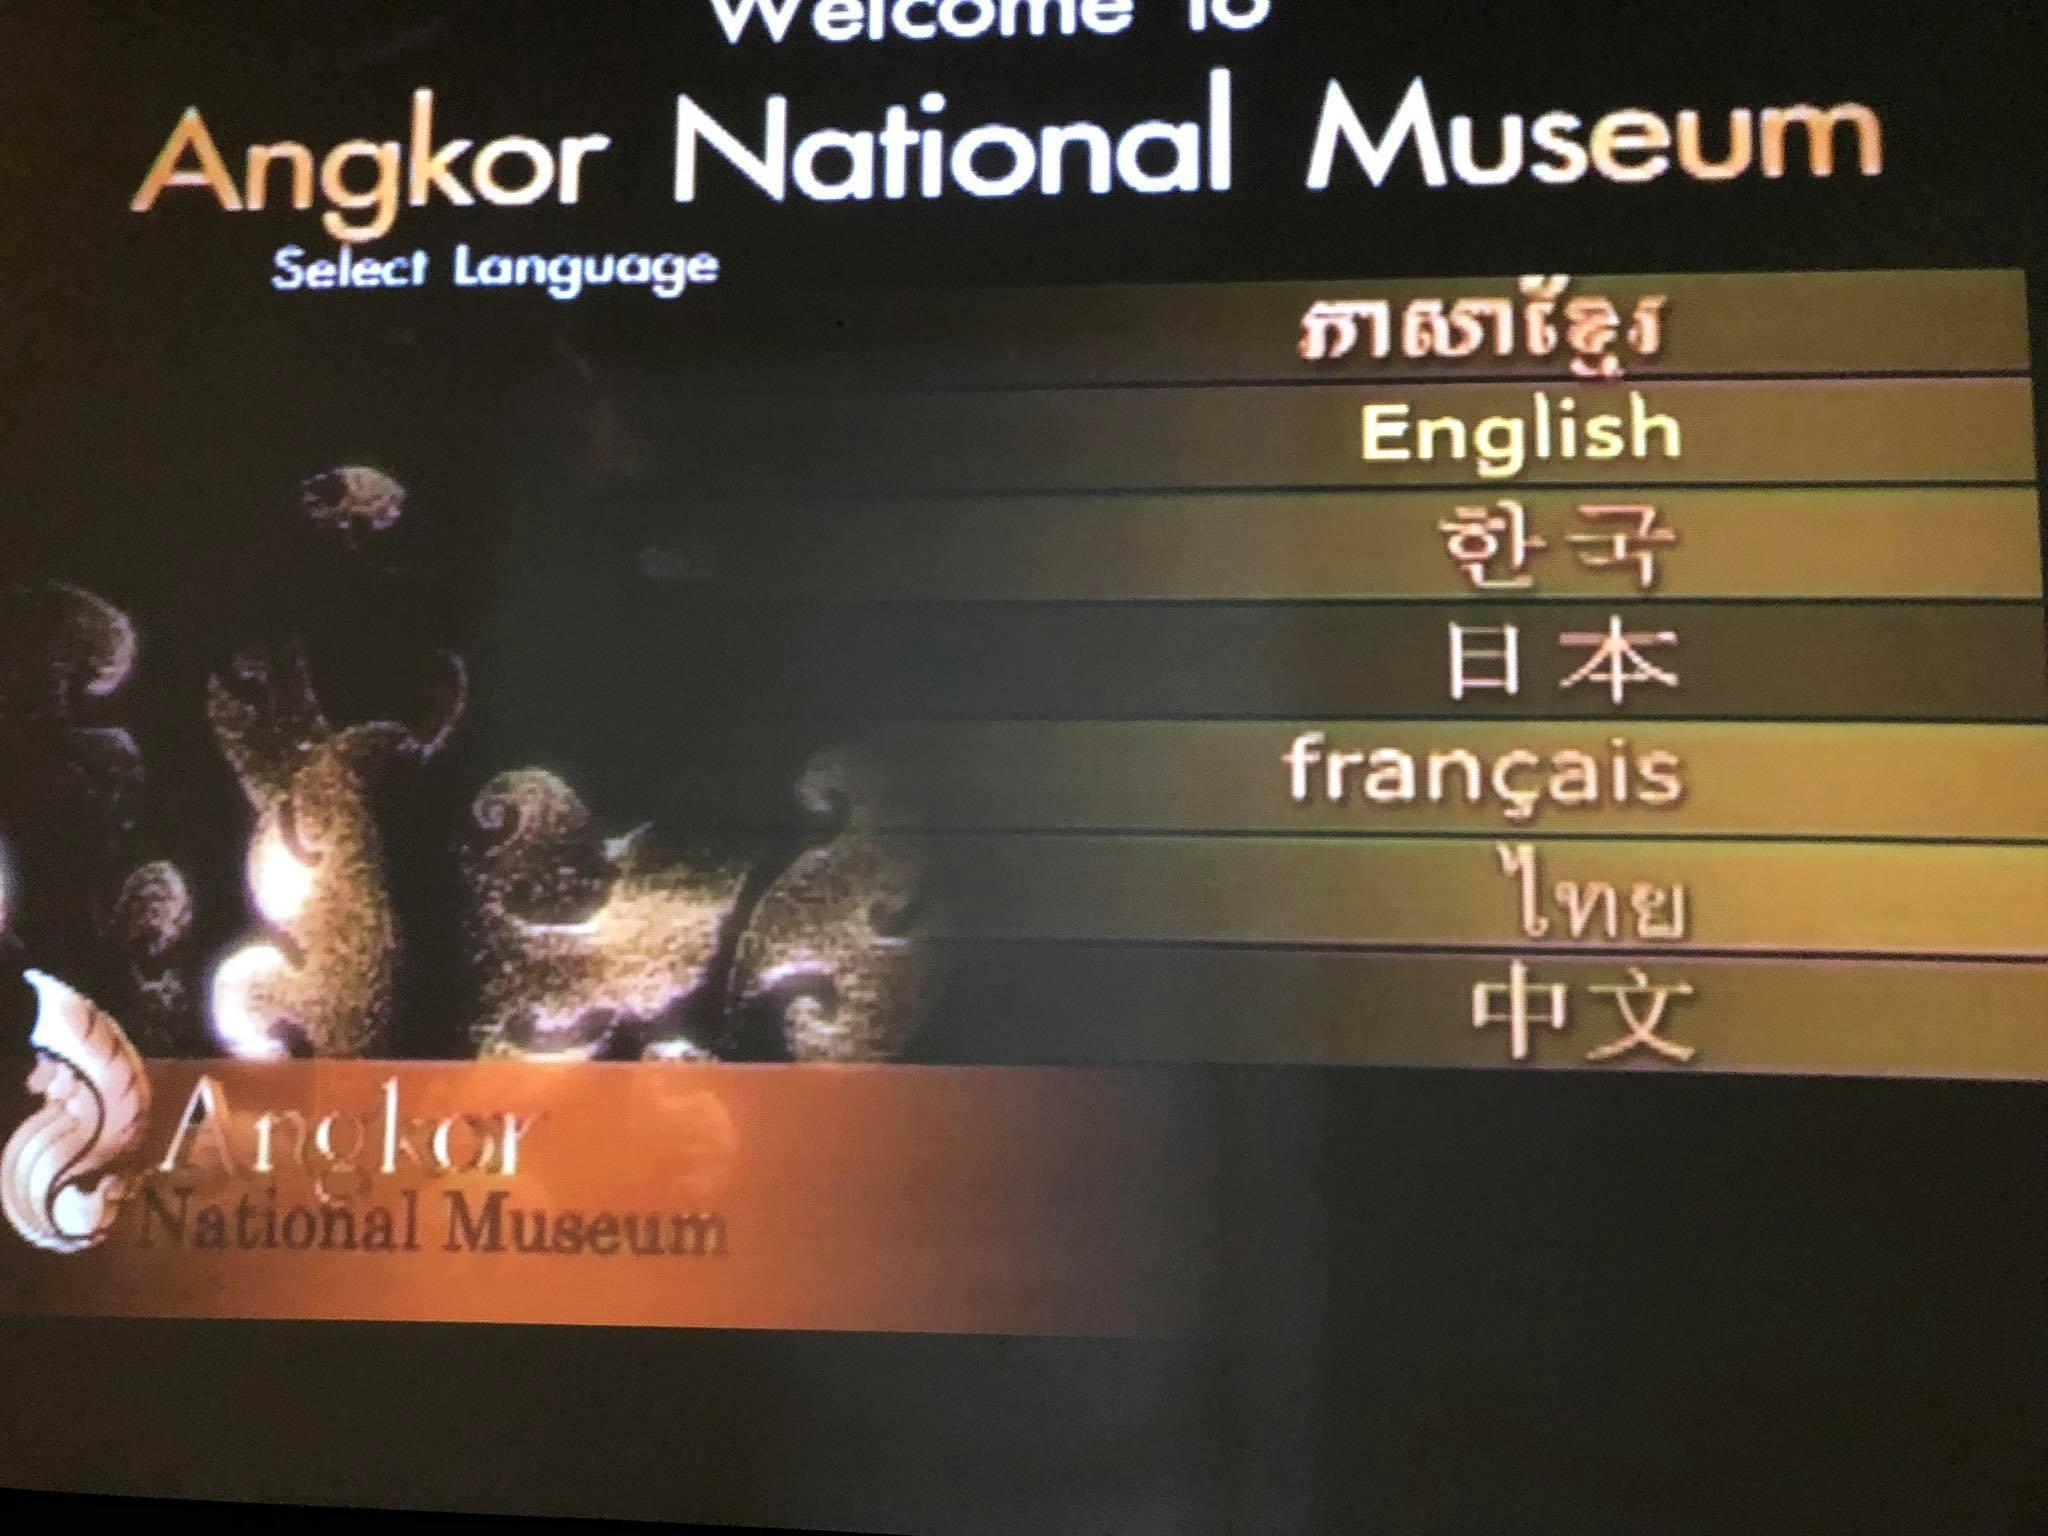 Angkor National Museum – Điểm dừng chân không nên bỏ lỡ? - Ảnh 5.